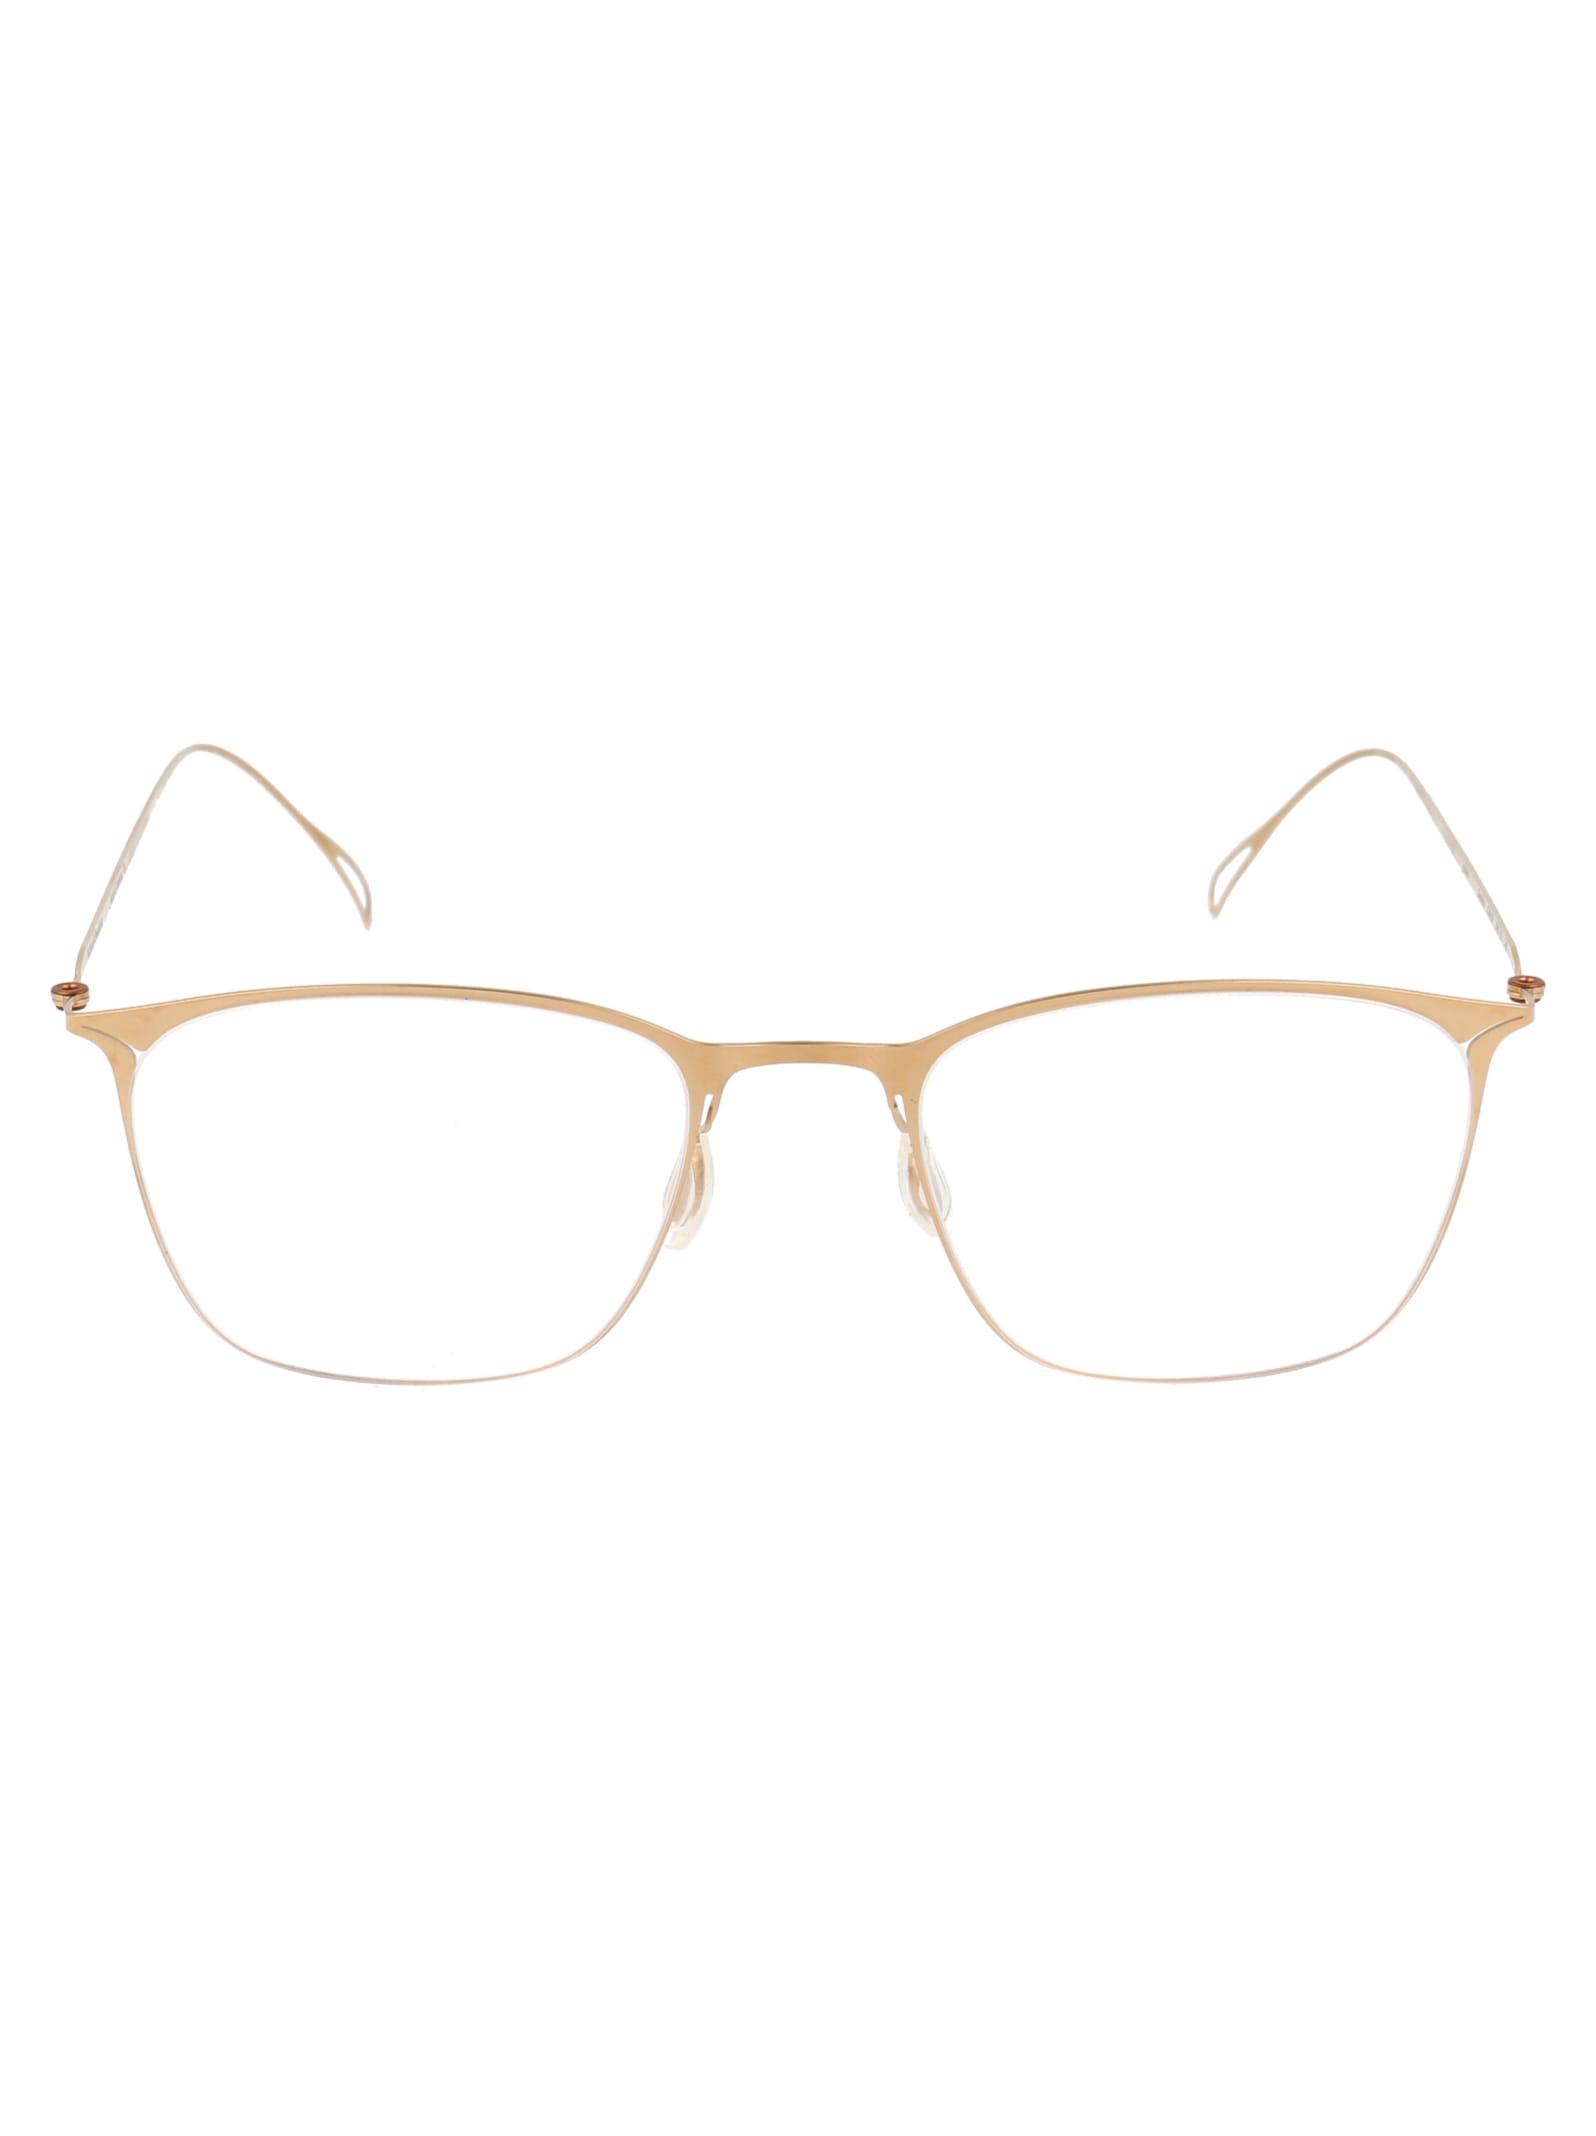 Gurvich Glasses